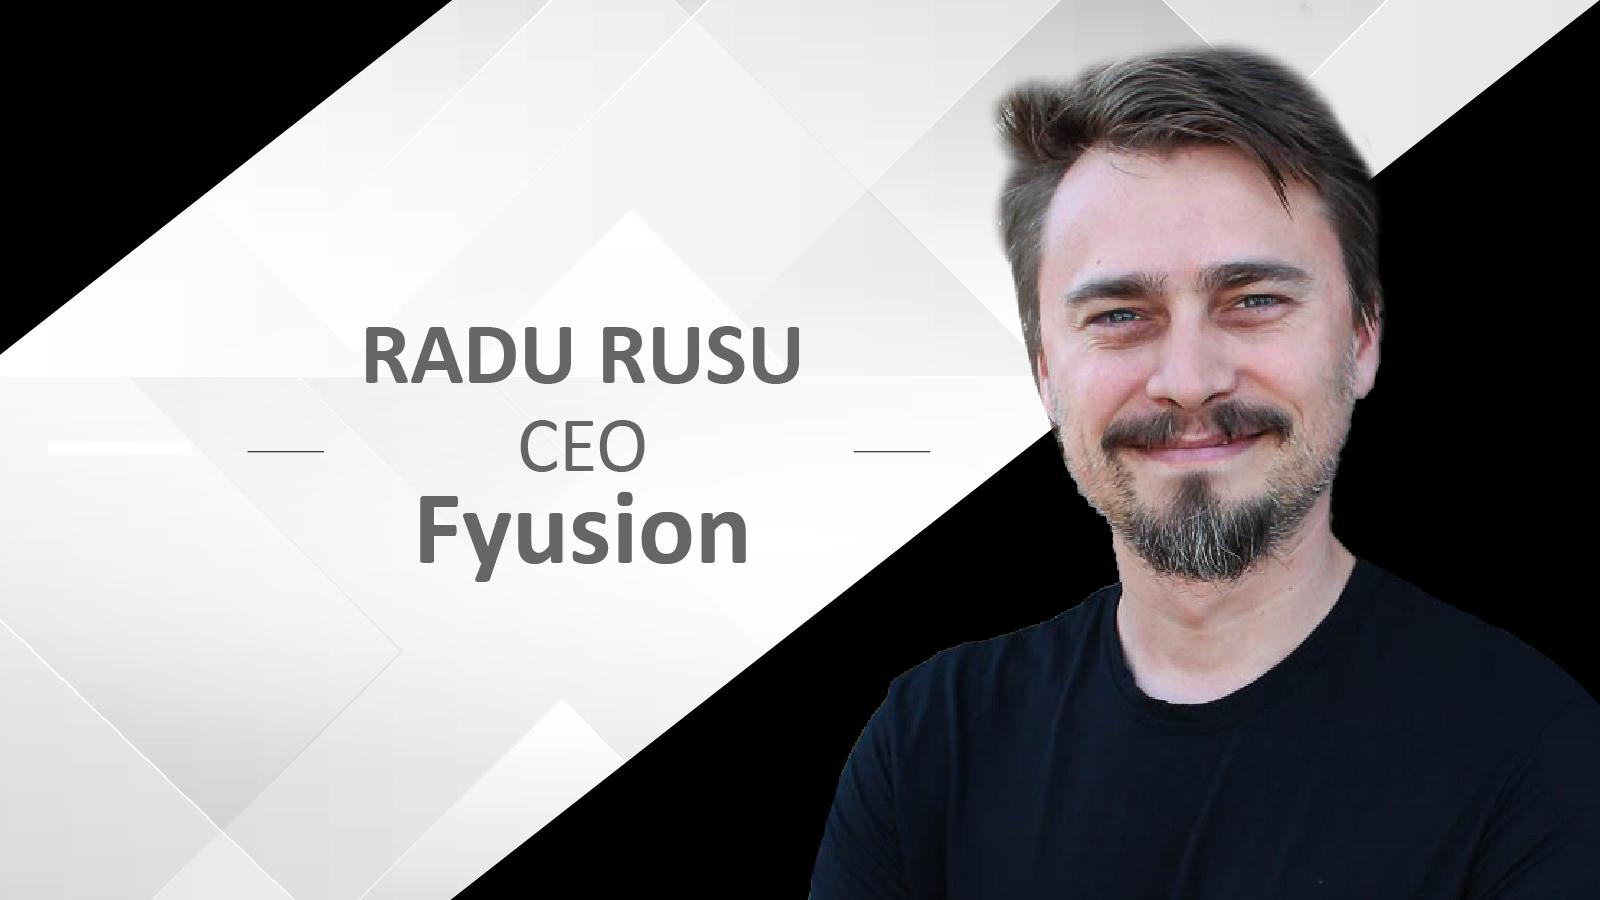 RADU RASU-01-01 (1)